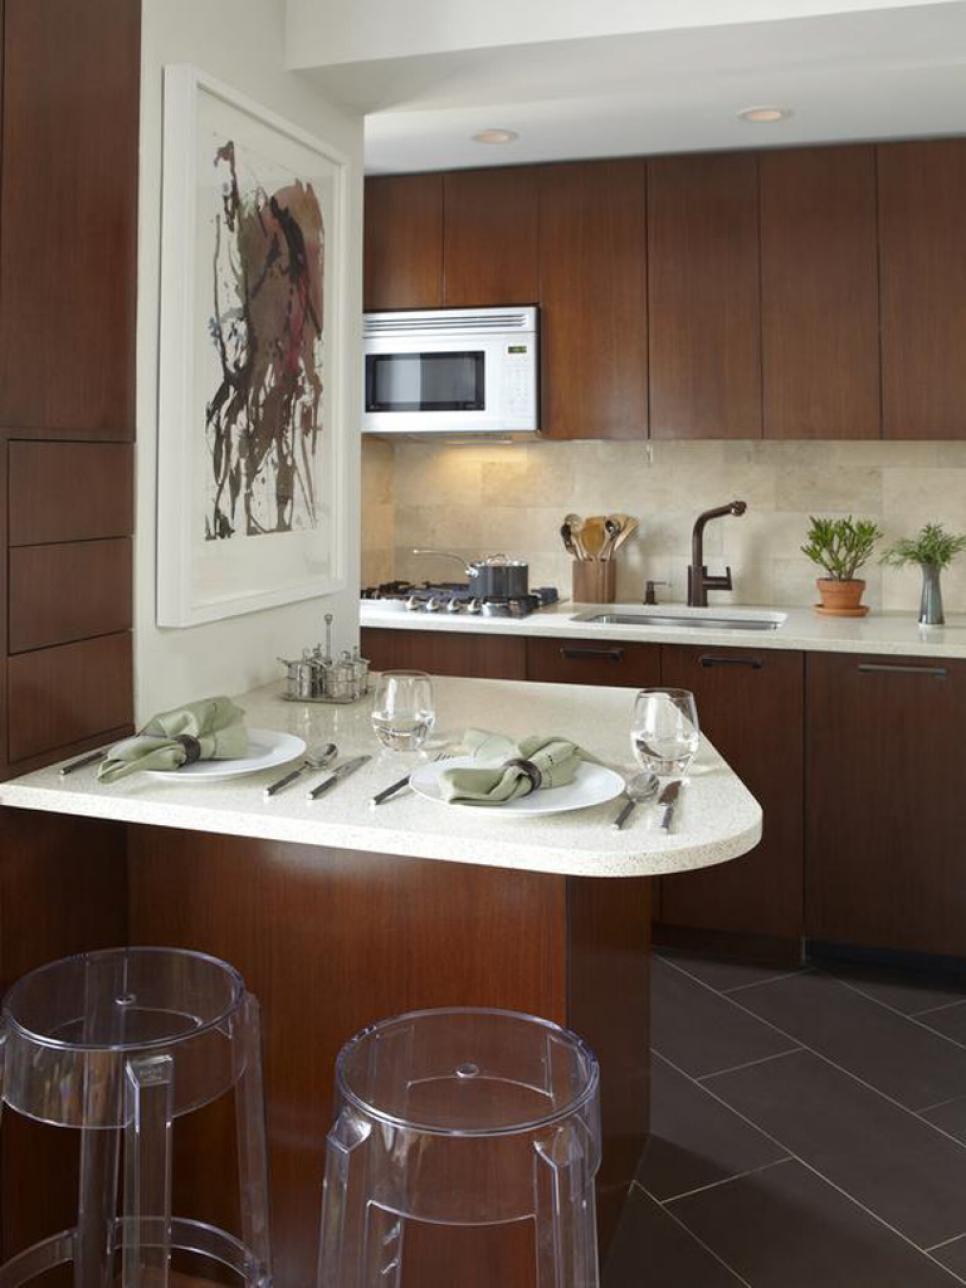 Pin von Marshay auf Small kitchens | Pinterest